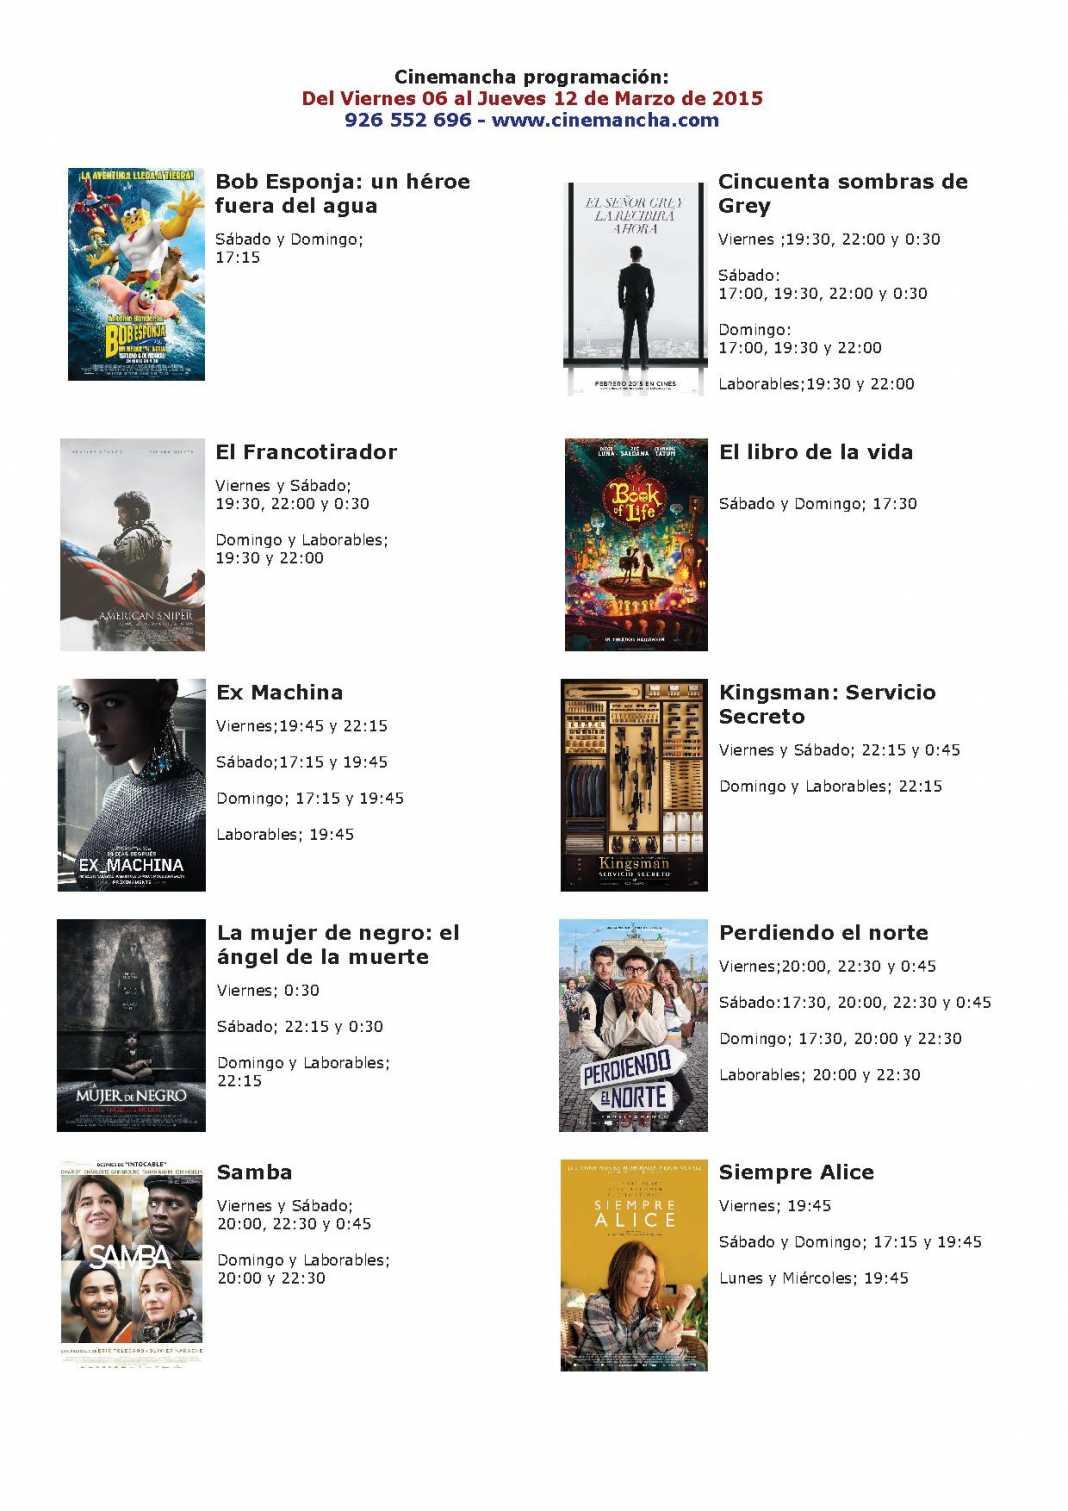 Cartelera Cinemancha del 06 al 12 de marzo 1